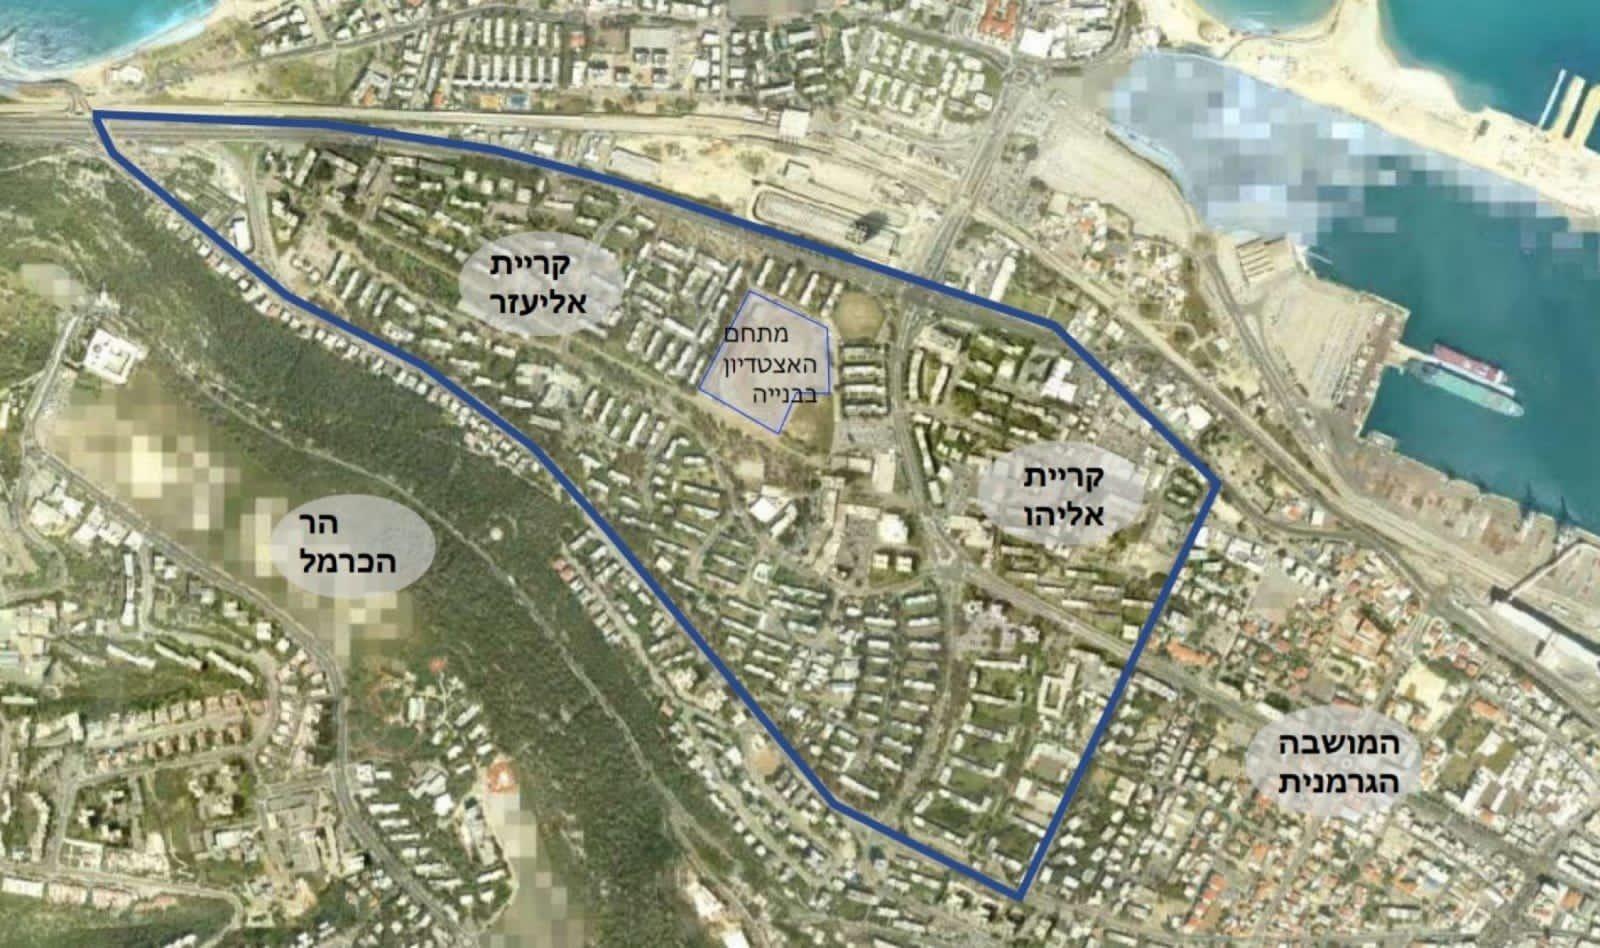 رجا زعاترة: يجب ضمان خدمات عصرية وملائمة للعرب في مخططات التجدّد الحضري في حيفا